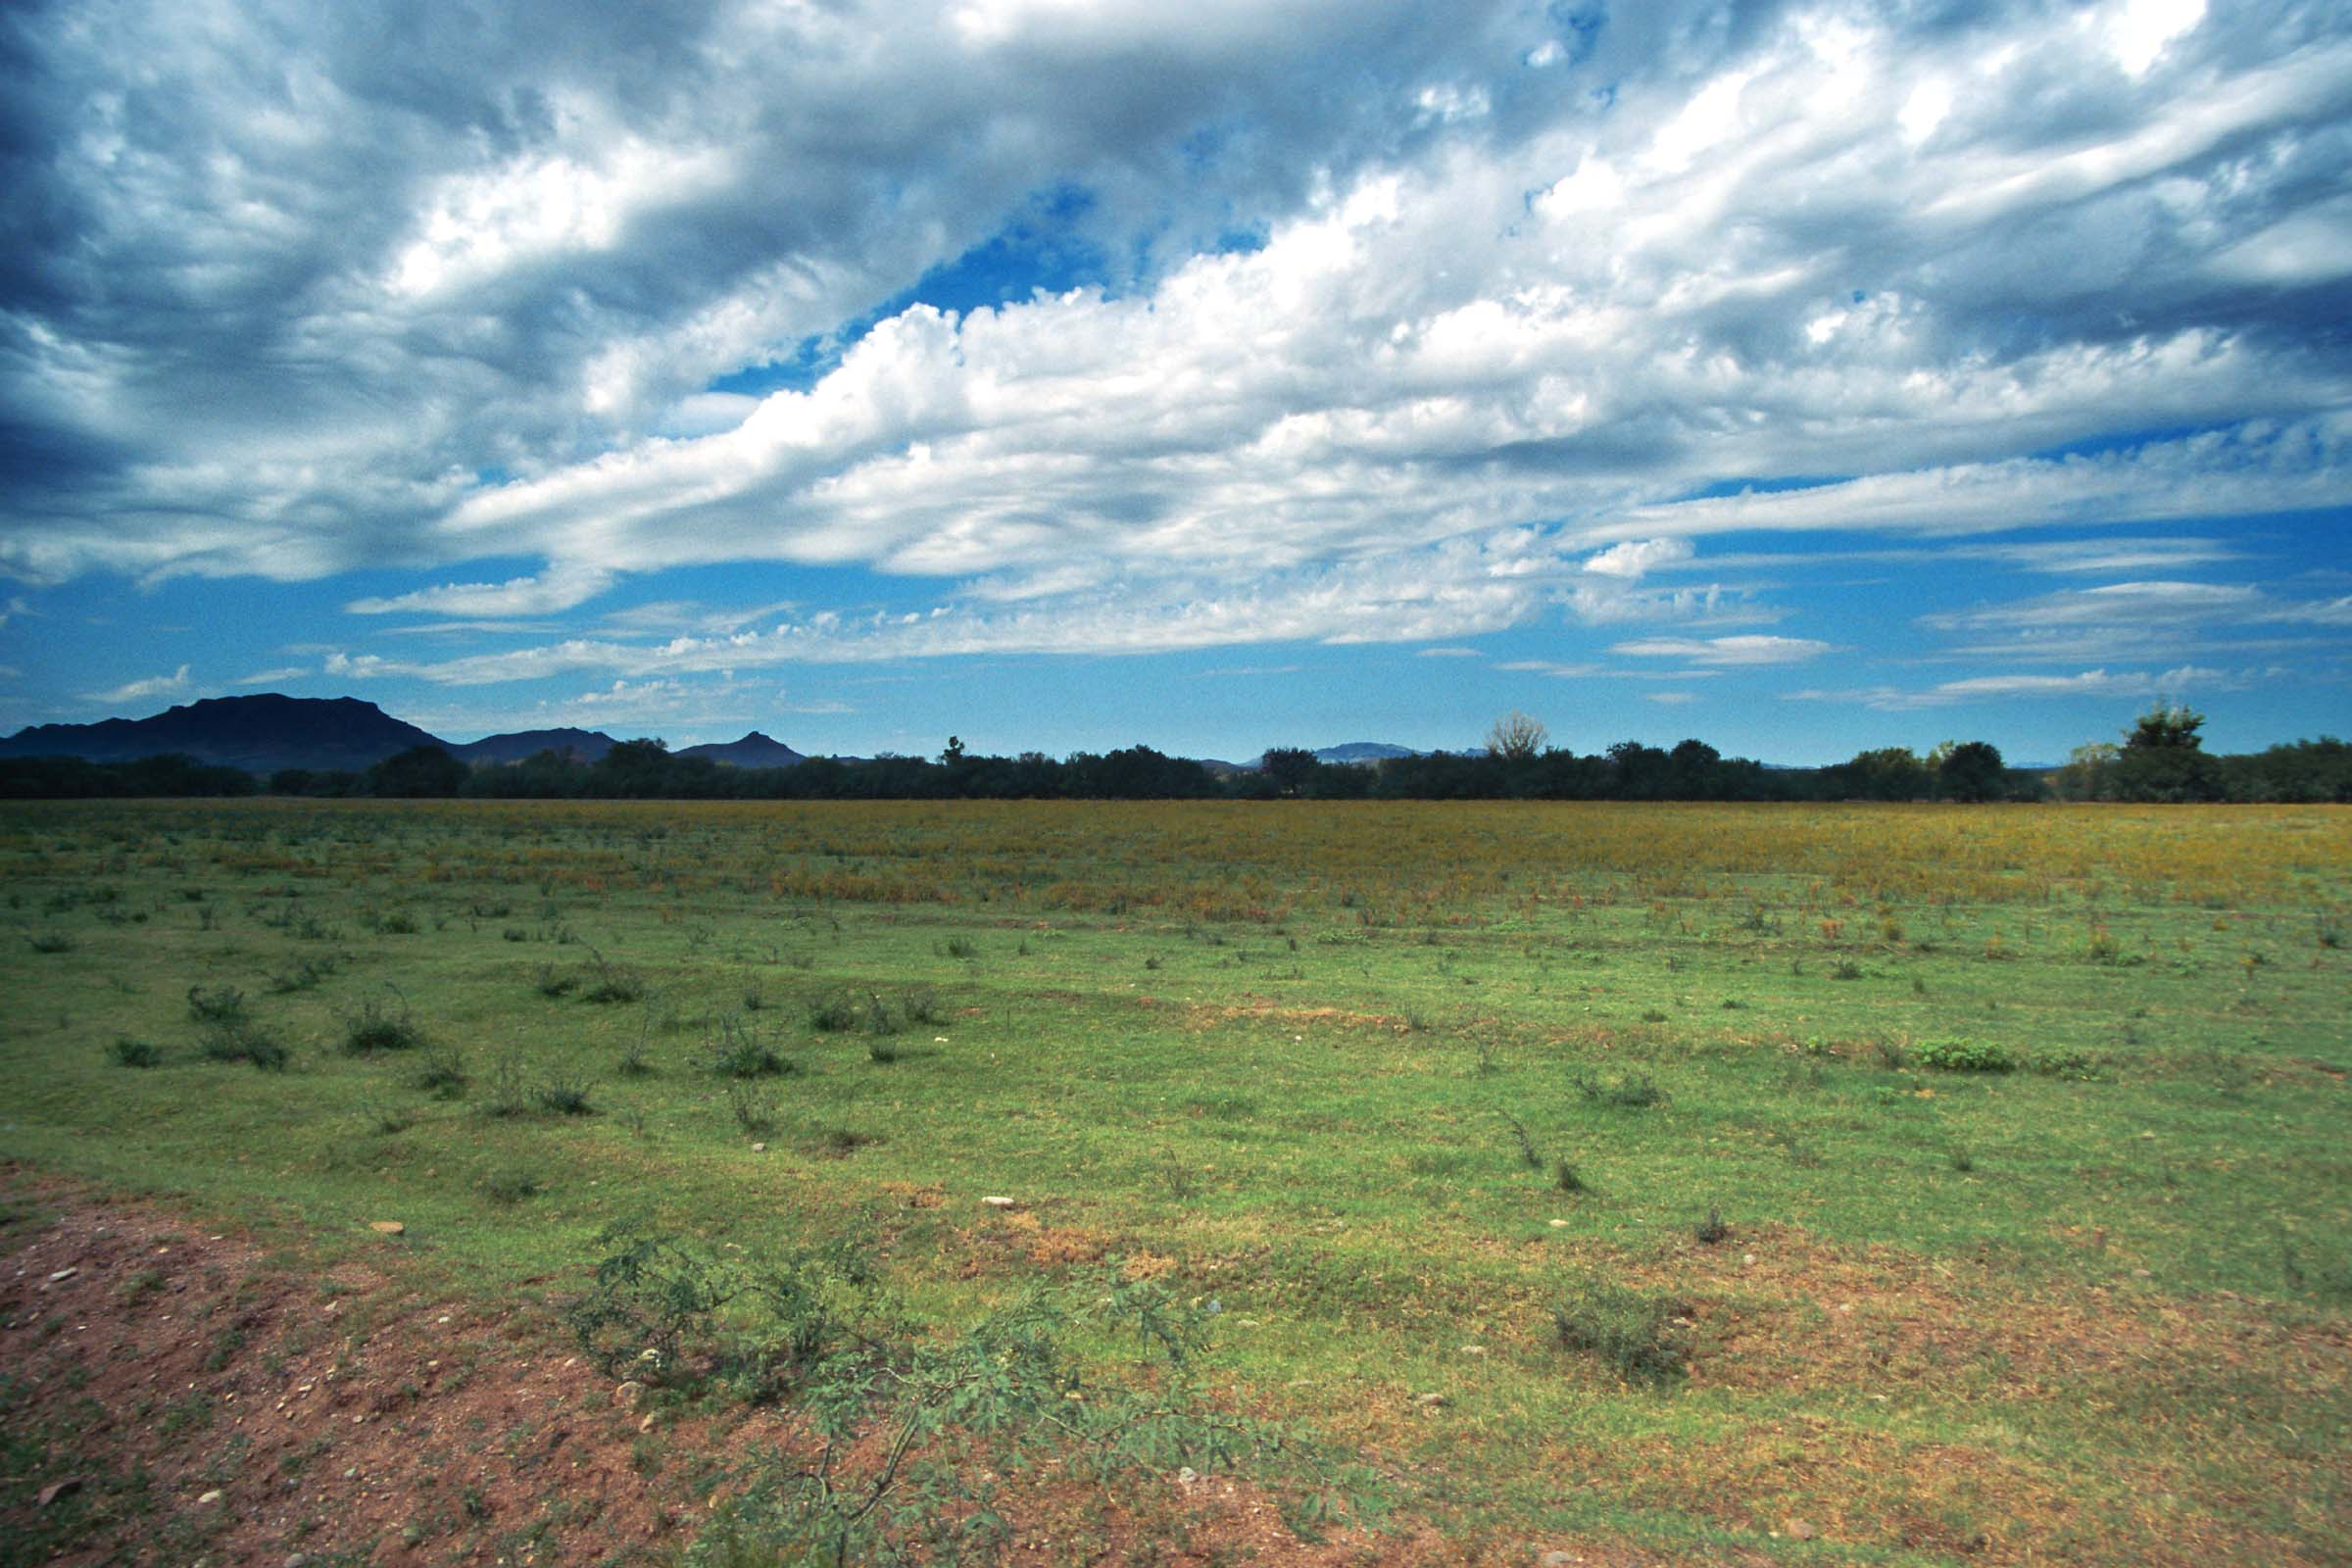 Ecolonomics – How Ecological Economics Can Improve Our Lives